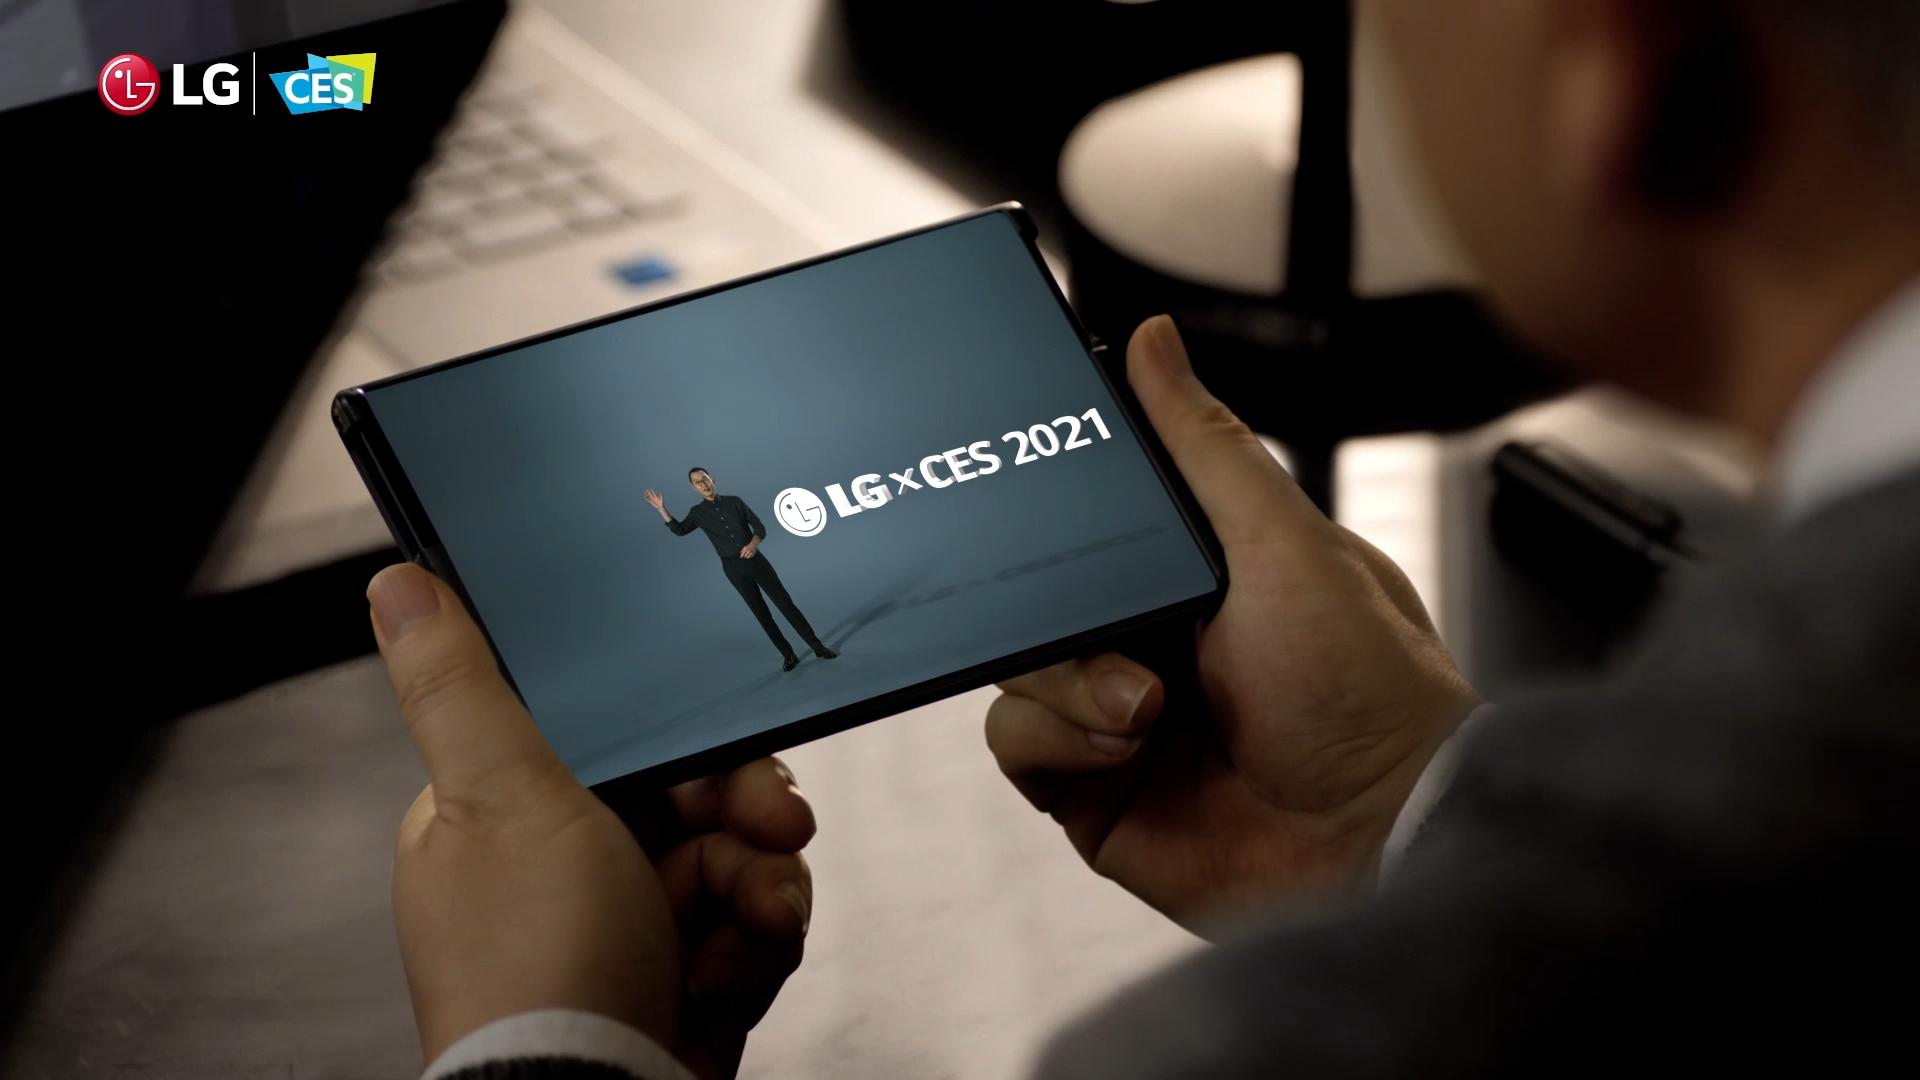 Na targach CES 2021 firma LG przedstawia wizję przyszłości, która staje się lepsza dzięki jej zaawansowanym rozwiązaniom